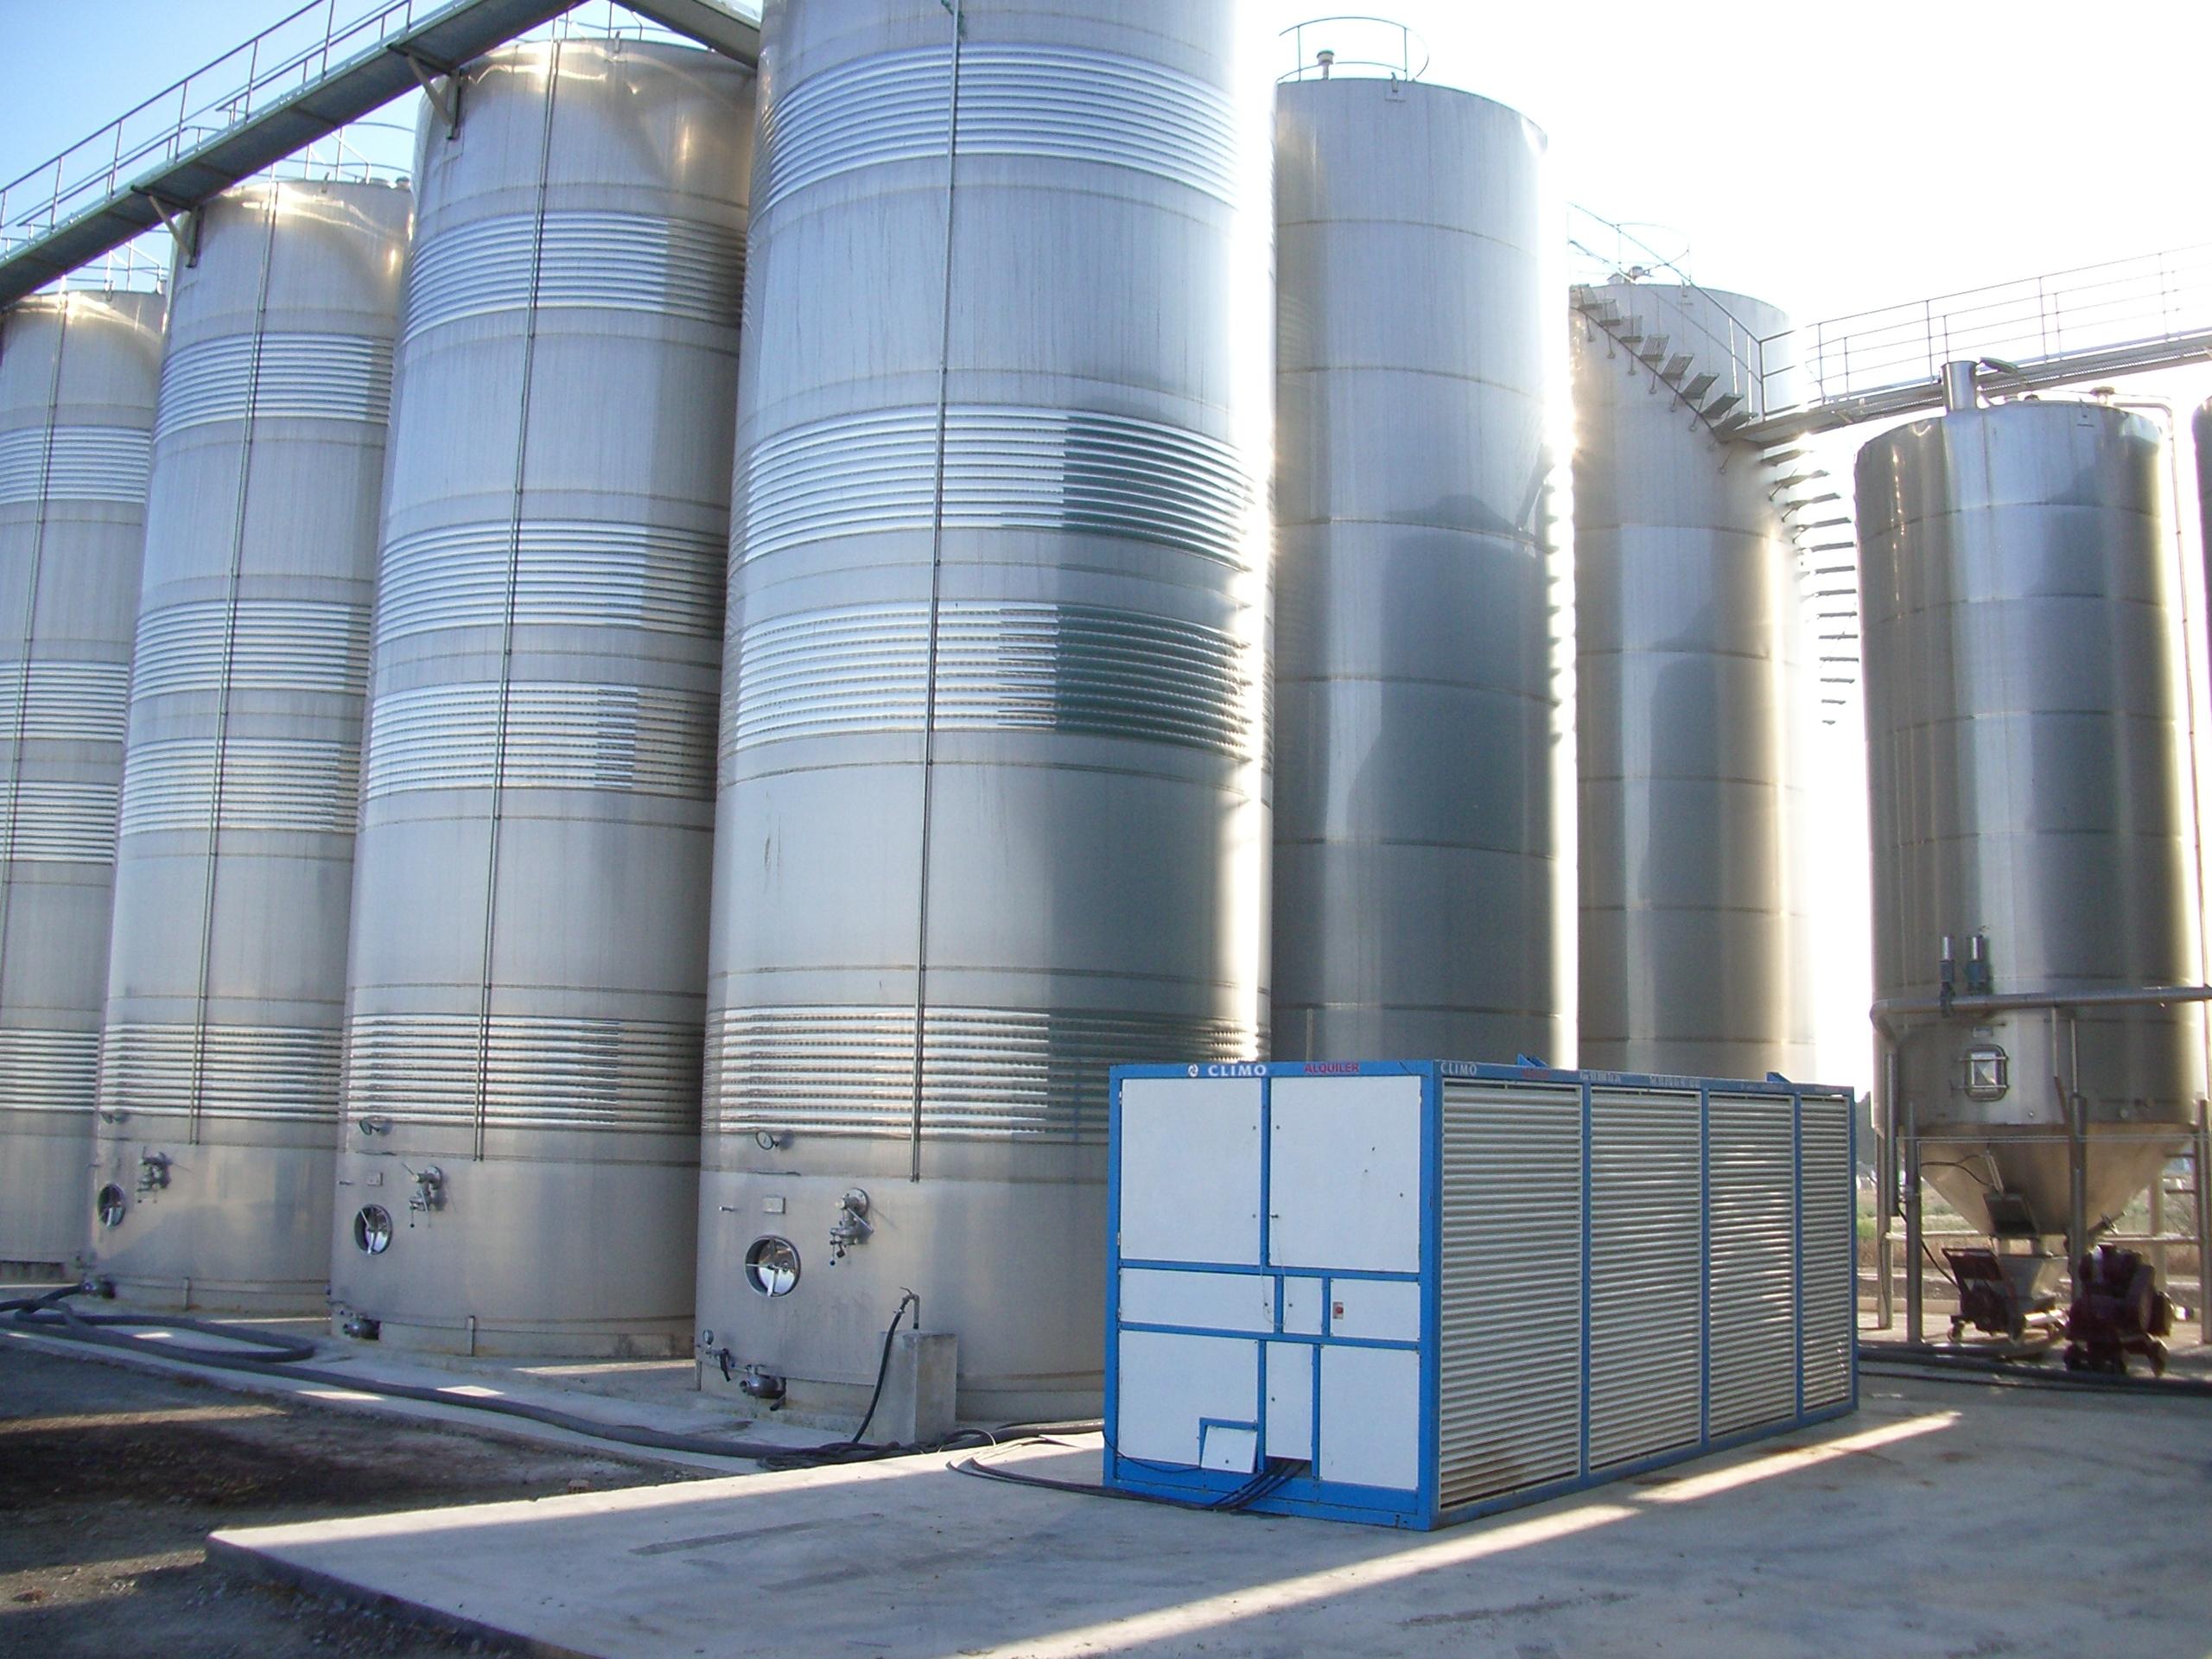 Especialitzades en calefacció, refrigeració i climatització de grans superfícies